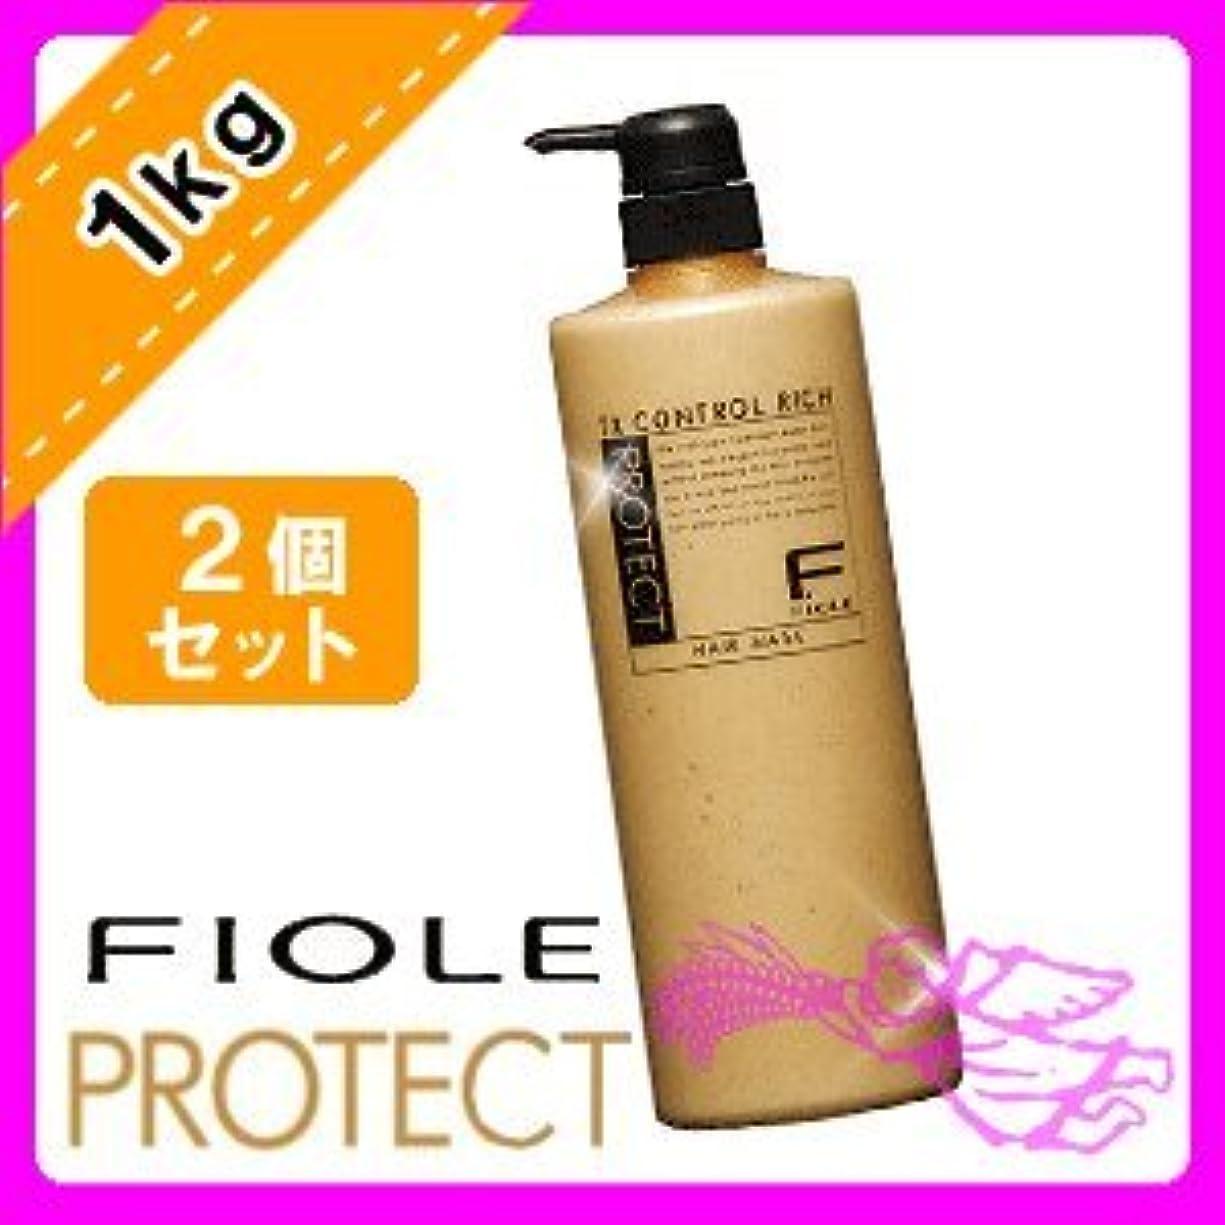 乳白色夏正しいフィヨーレ Fプロテクト ヘアマスク リッチ <1000g×2個セット> MR FIOLE Fprotect 毛先しっとり